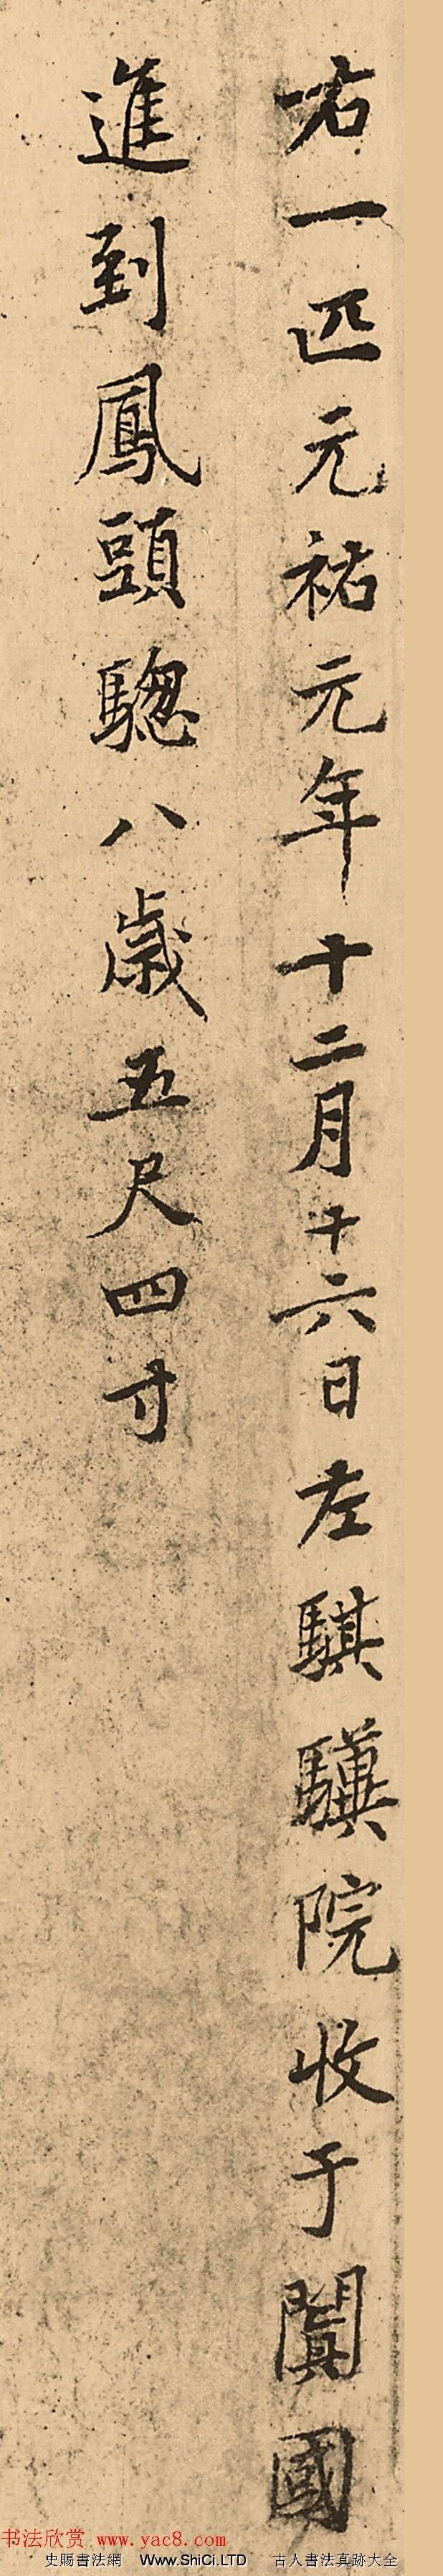 黃庭堅書法題記+黃魯直行書跋語(共5張圖片)